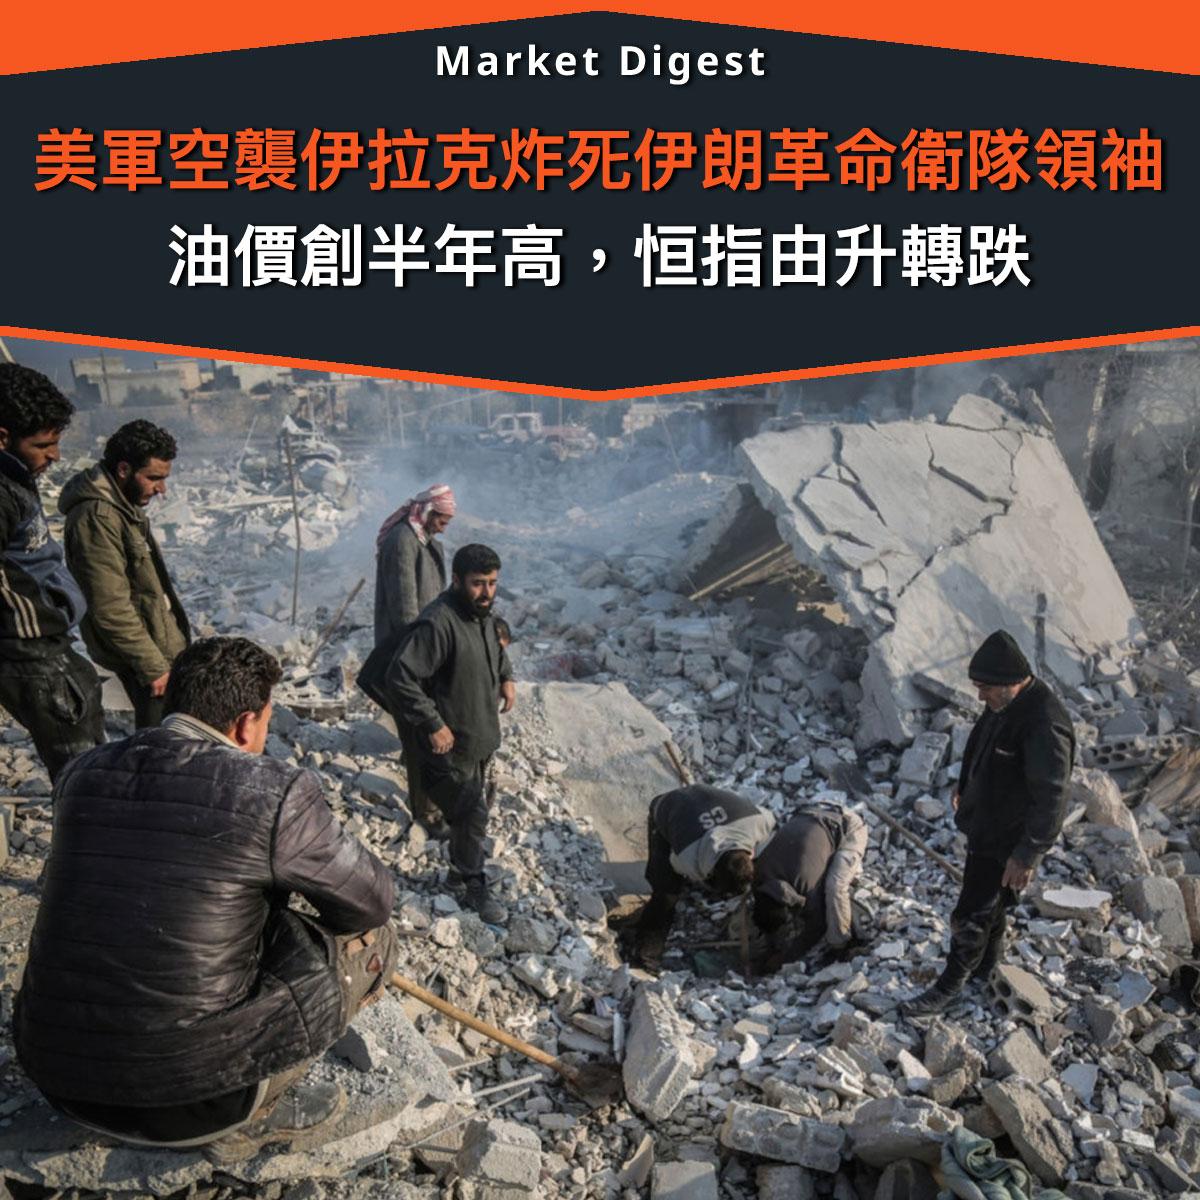 【市場熱話】美軍空襲伊拉克炸死伊朗革命衛隊領袖,油價創半年高,恒指由升轉跌